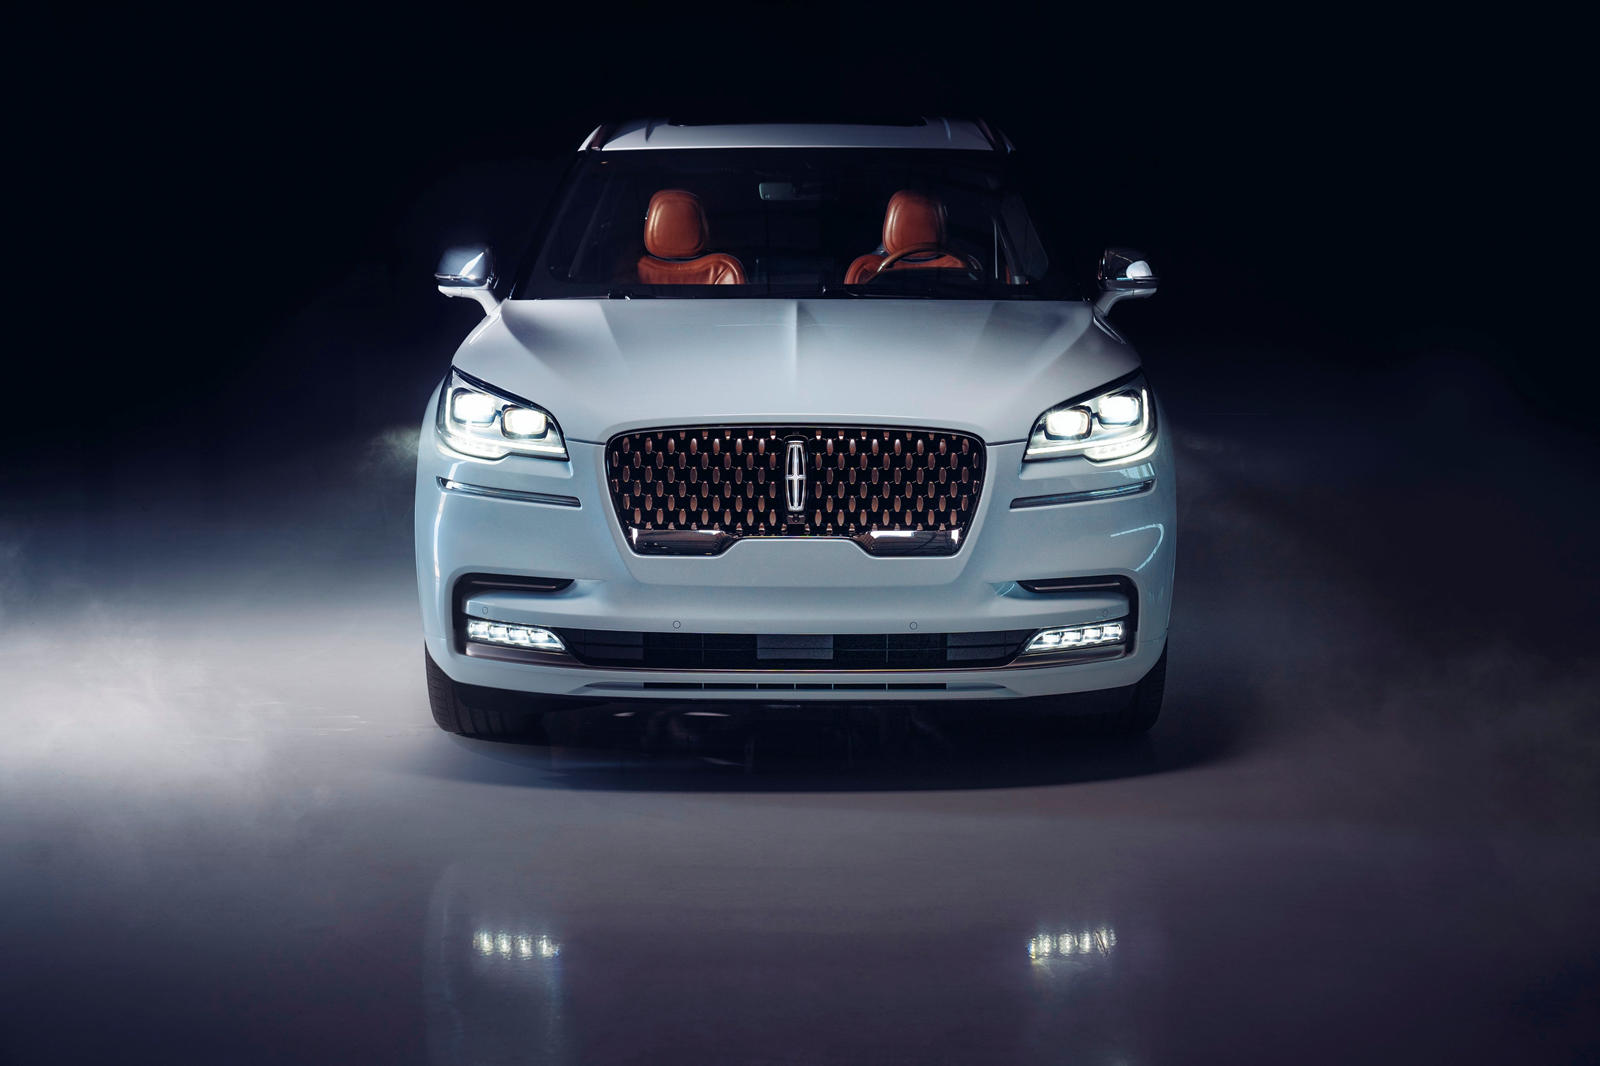 Lincoln недавно объявил, что он также намерен провести электрификацию, и благодаря потрясающим проектам, разработанным в последнее время автопроизводителем, возможно, роскошное подразделение Ford не будет долго догонять Cadillac.